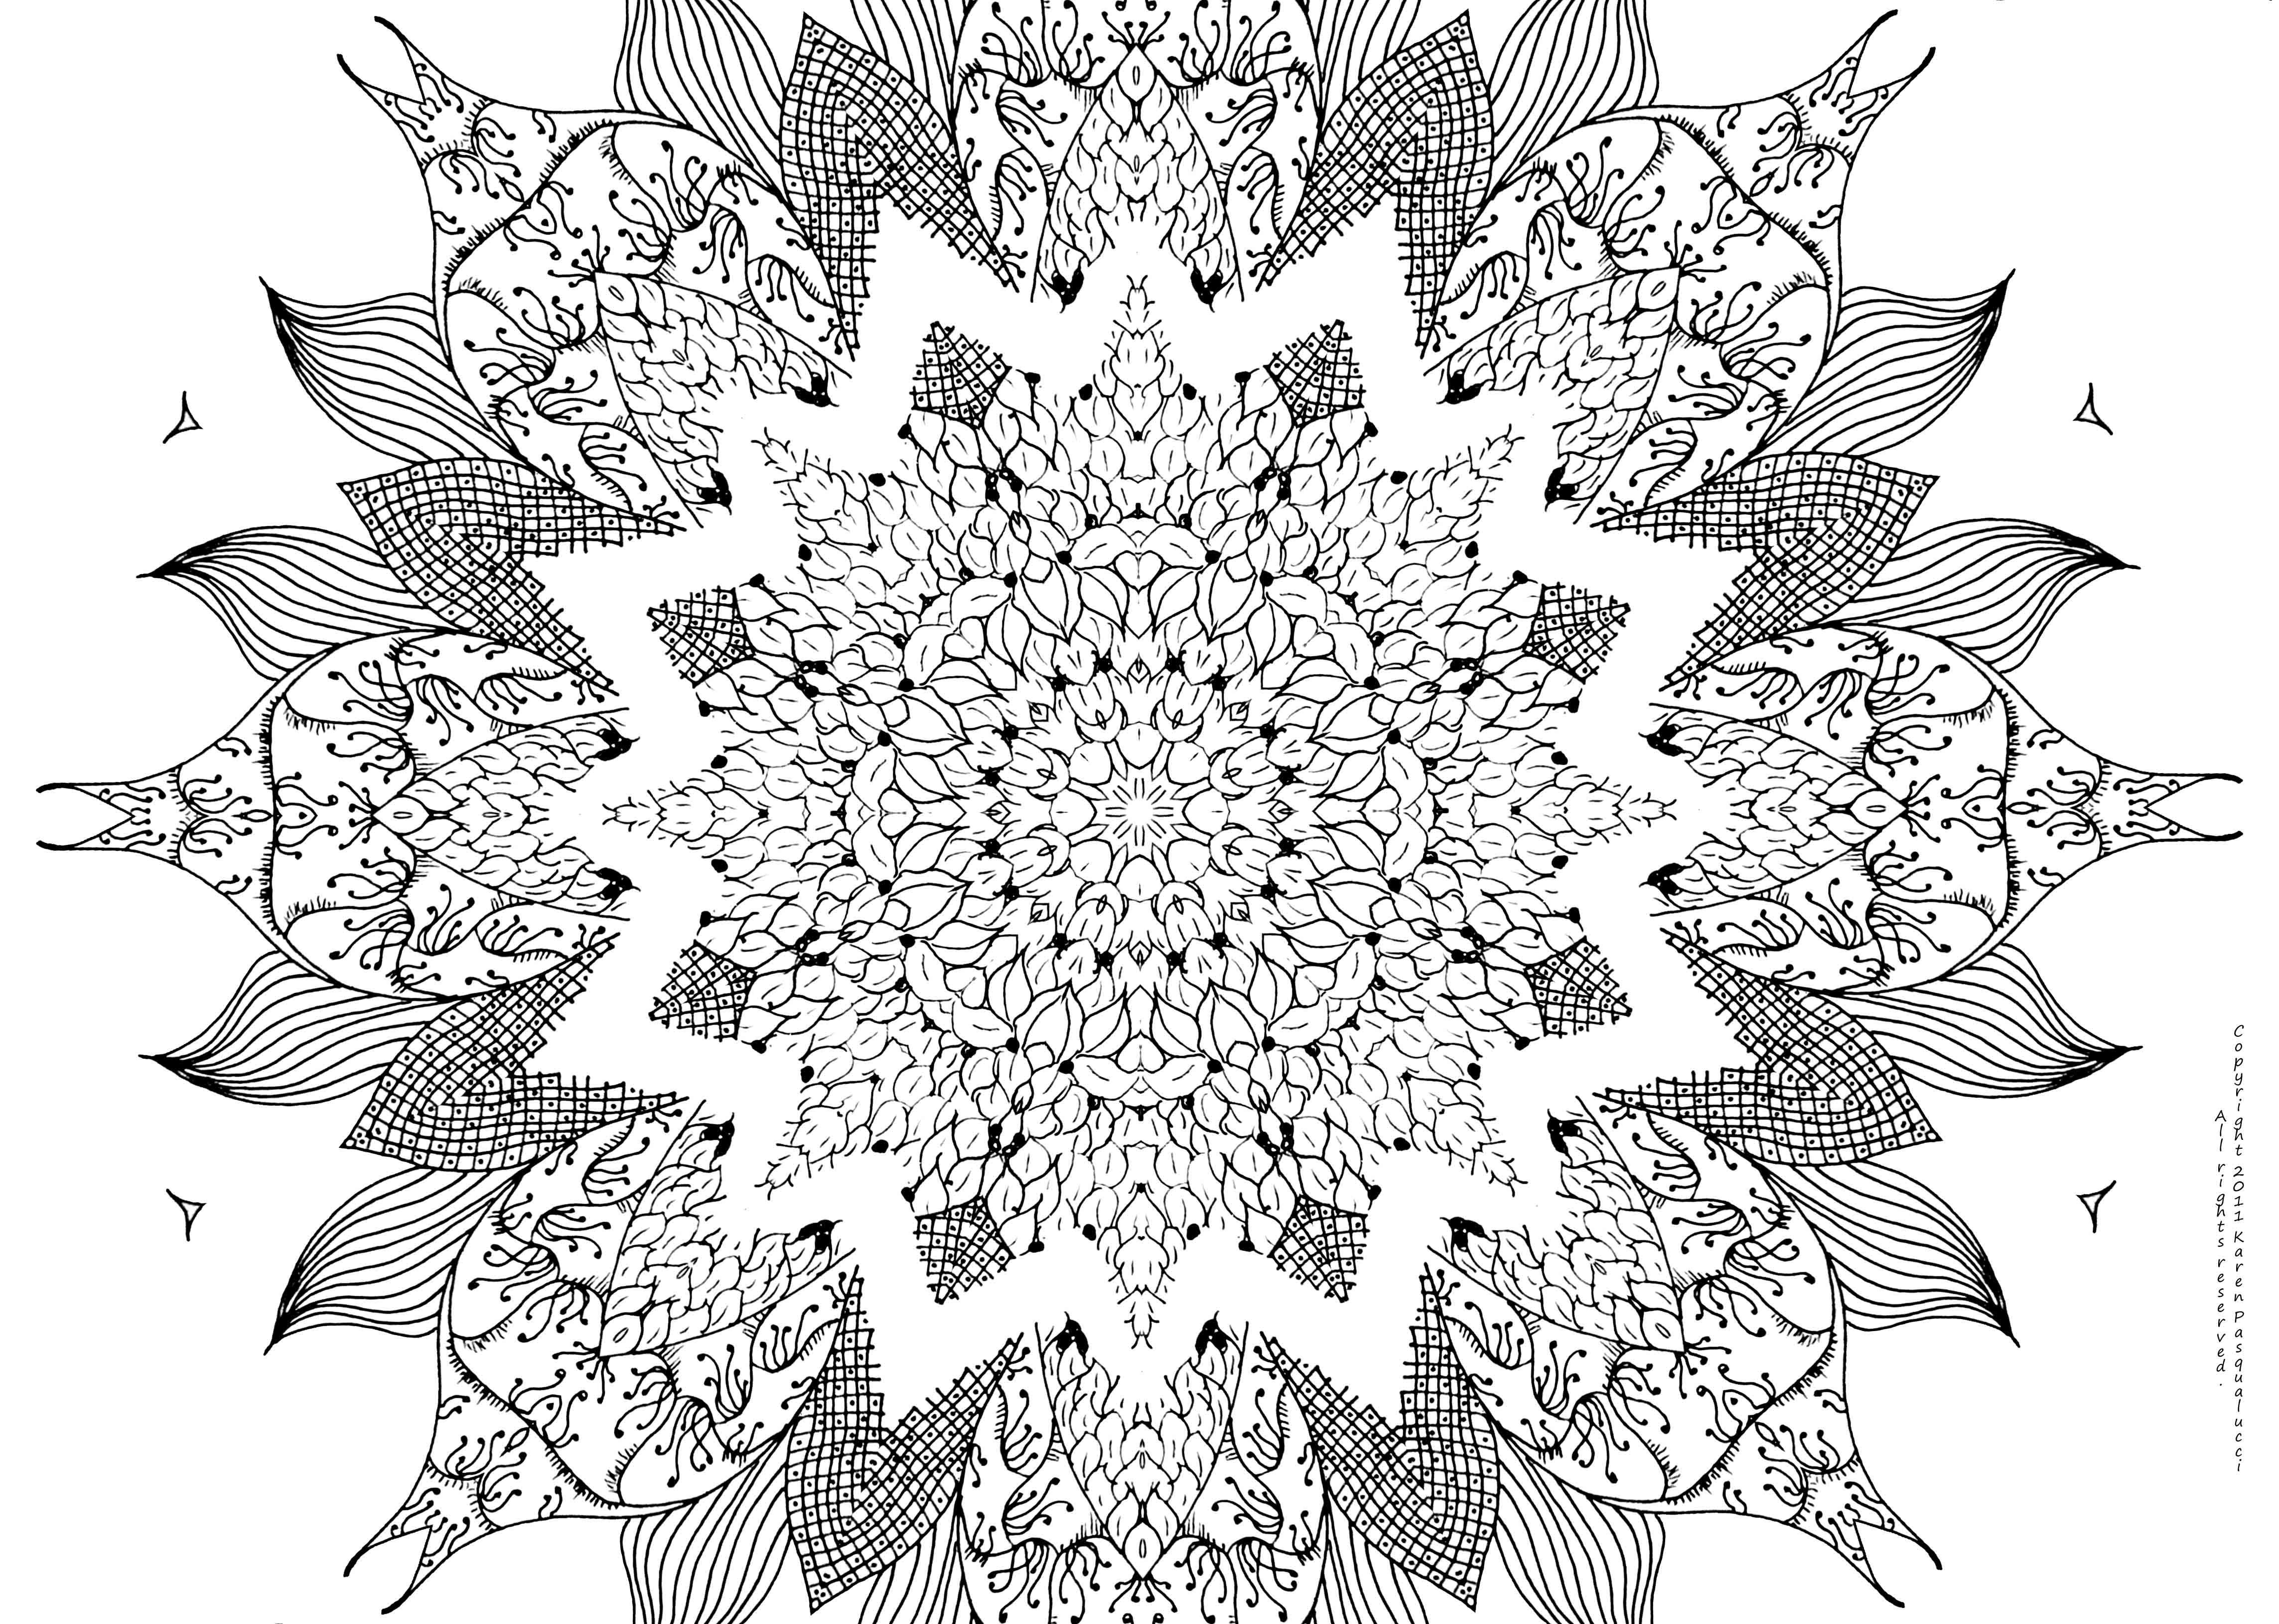 Free Mandala Coloring Page Abstract Coloring Pages Mandala Coloring Pages Mandala Coloring